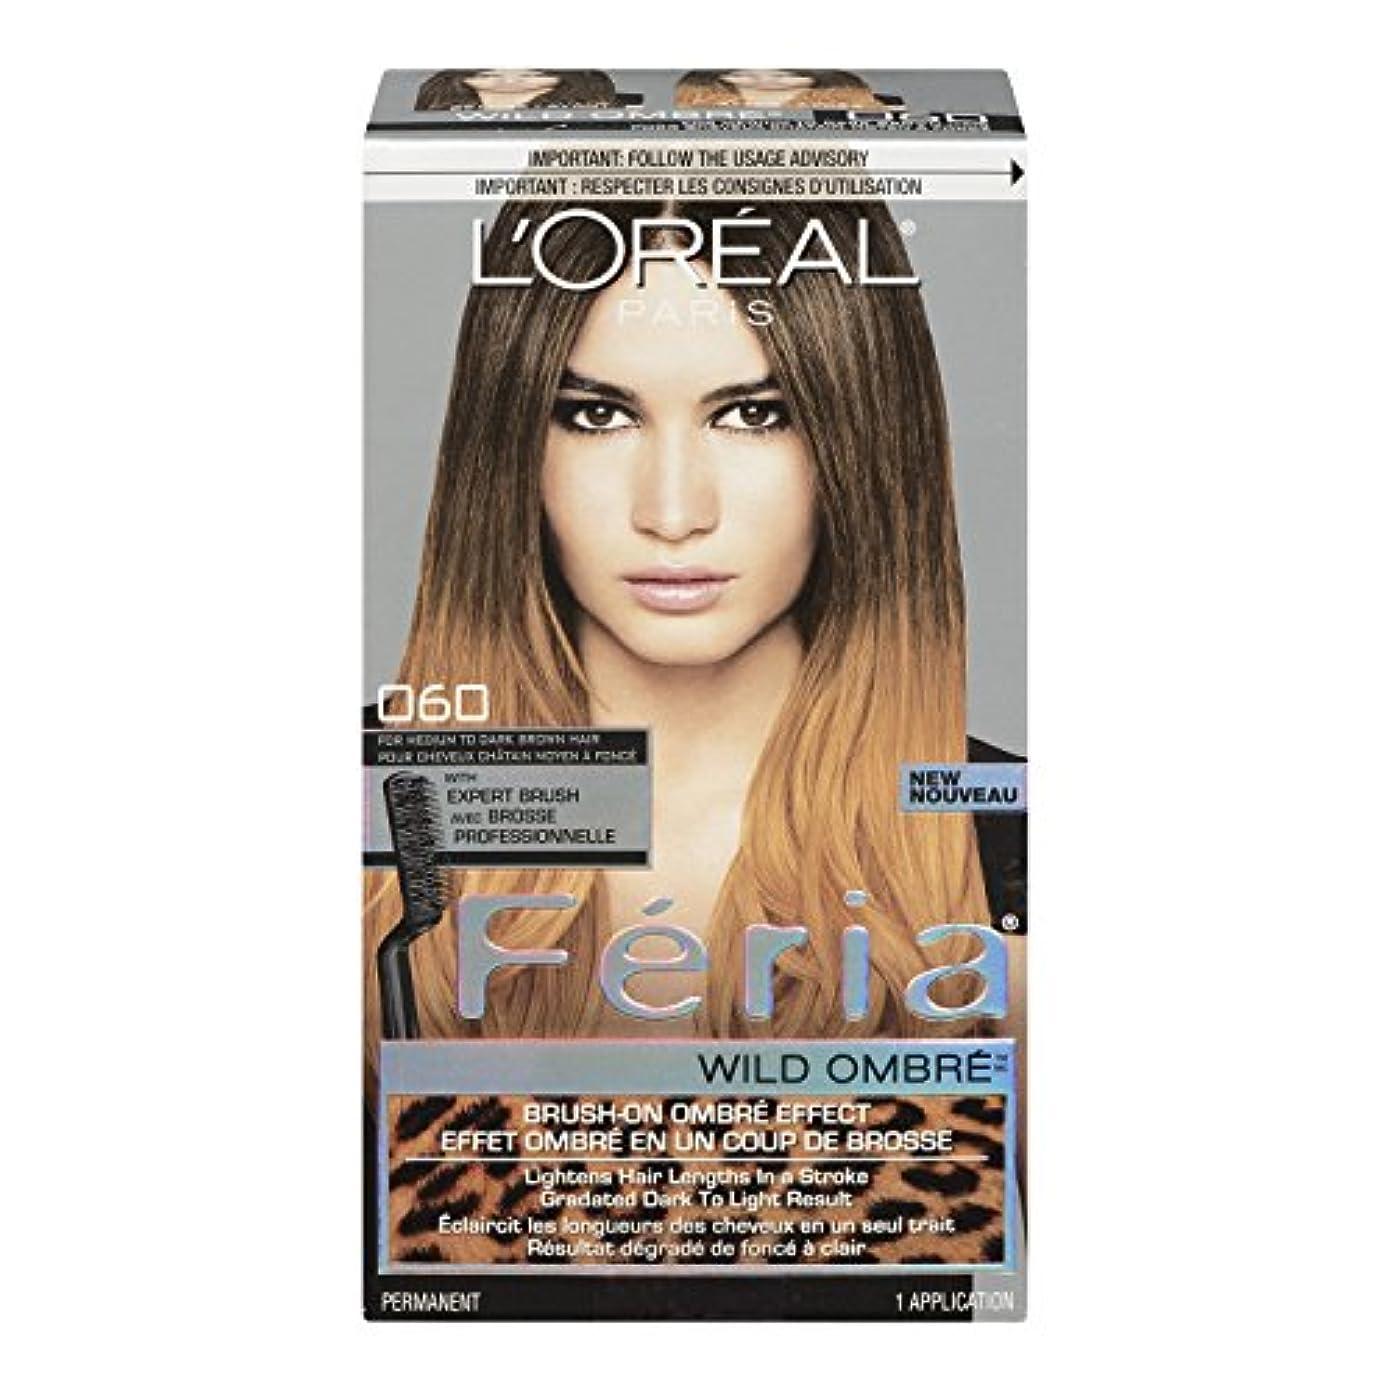 意識卒業魔術師L'Oreal Feria Wild Ombre Hair Color, O60 Medium to Dark Brown by L'Oreal Paris Hair Color [並行輸入品]